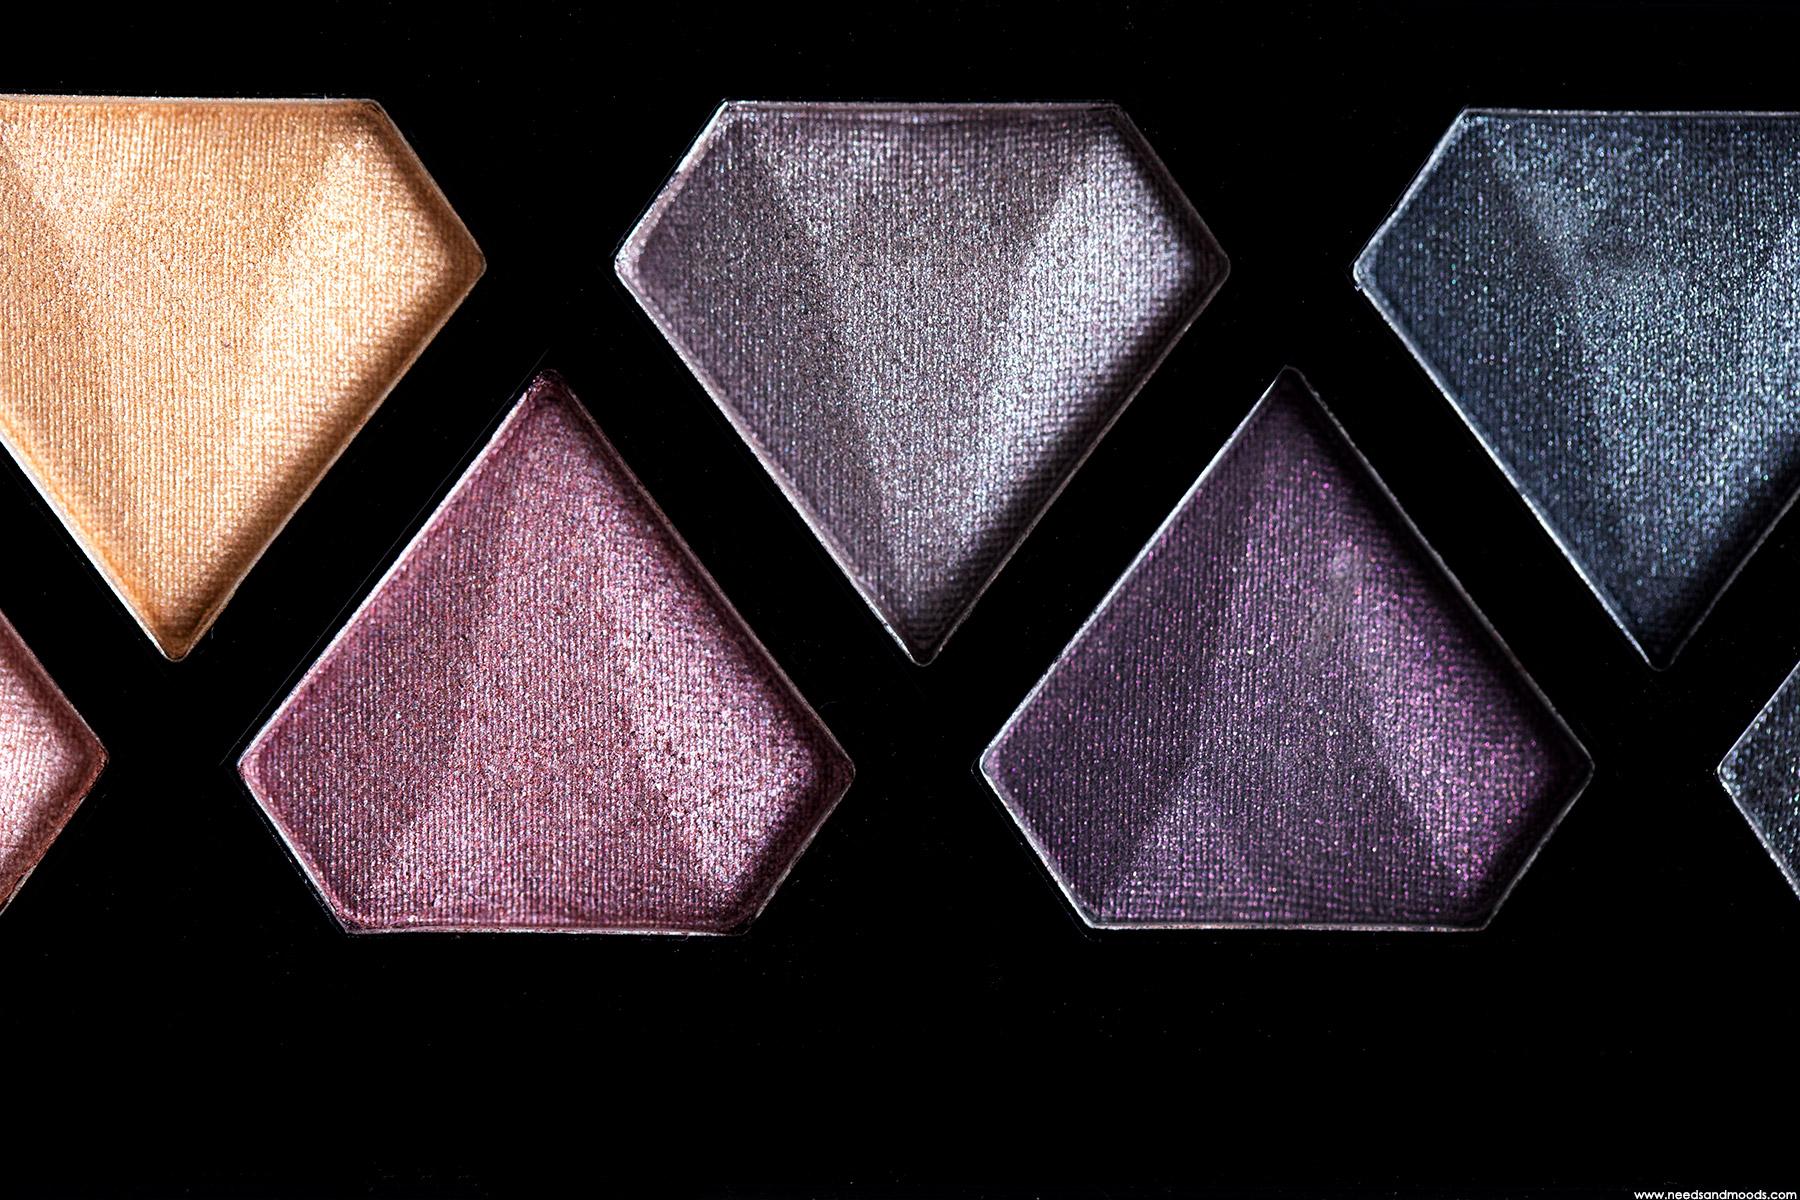 marionnaud palette de maquillage diamants etincelants avis